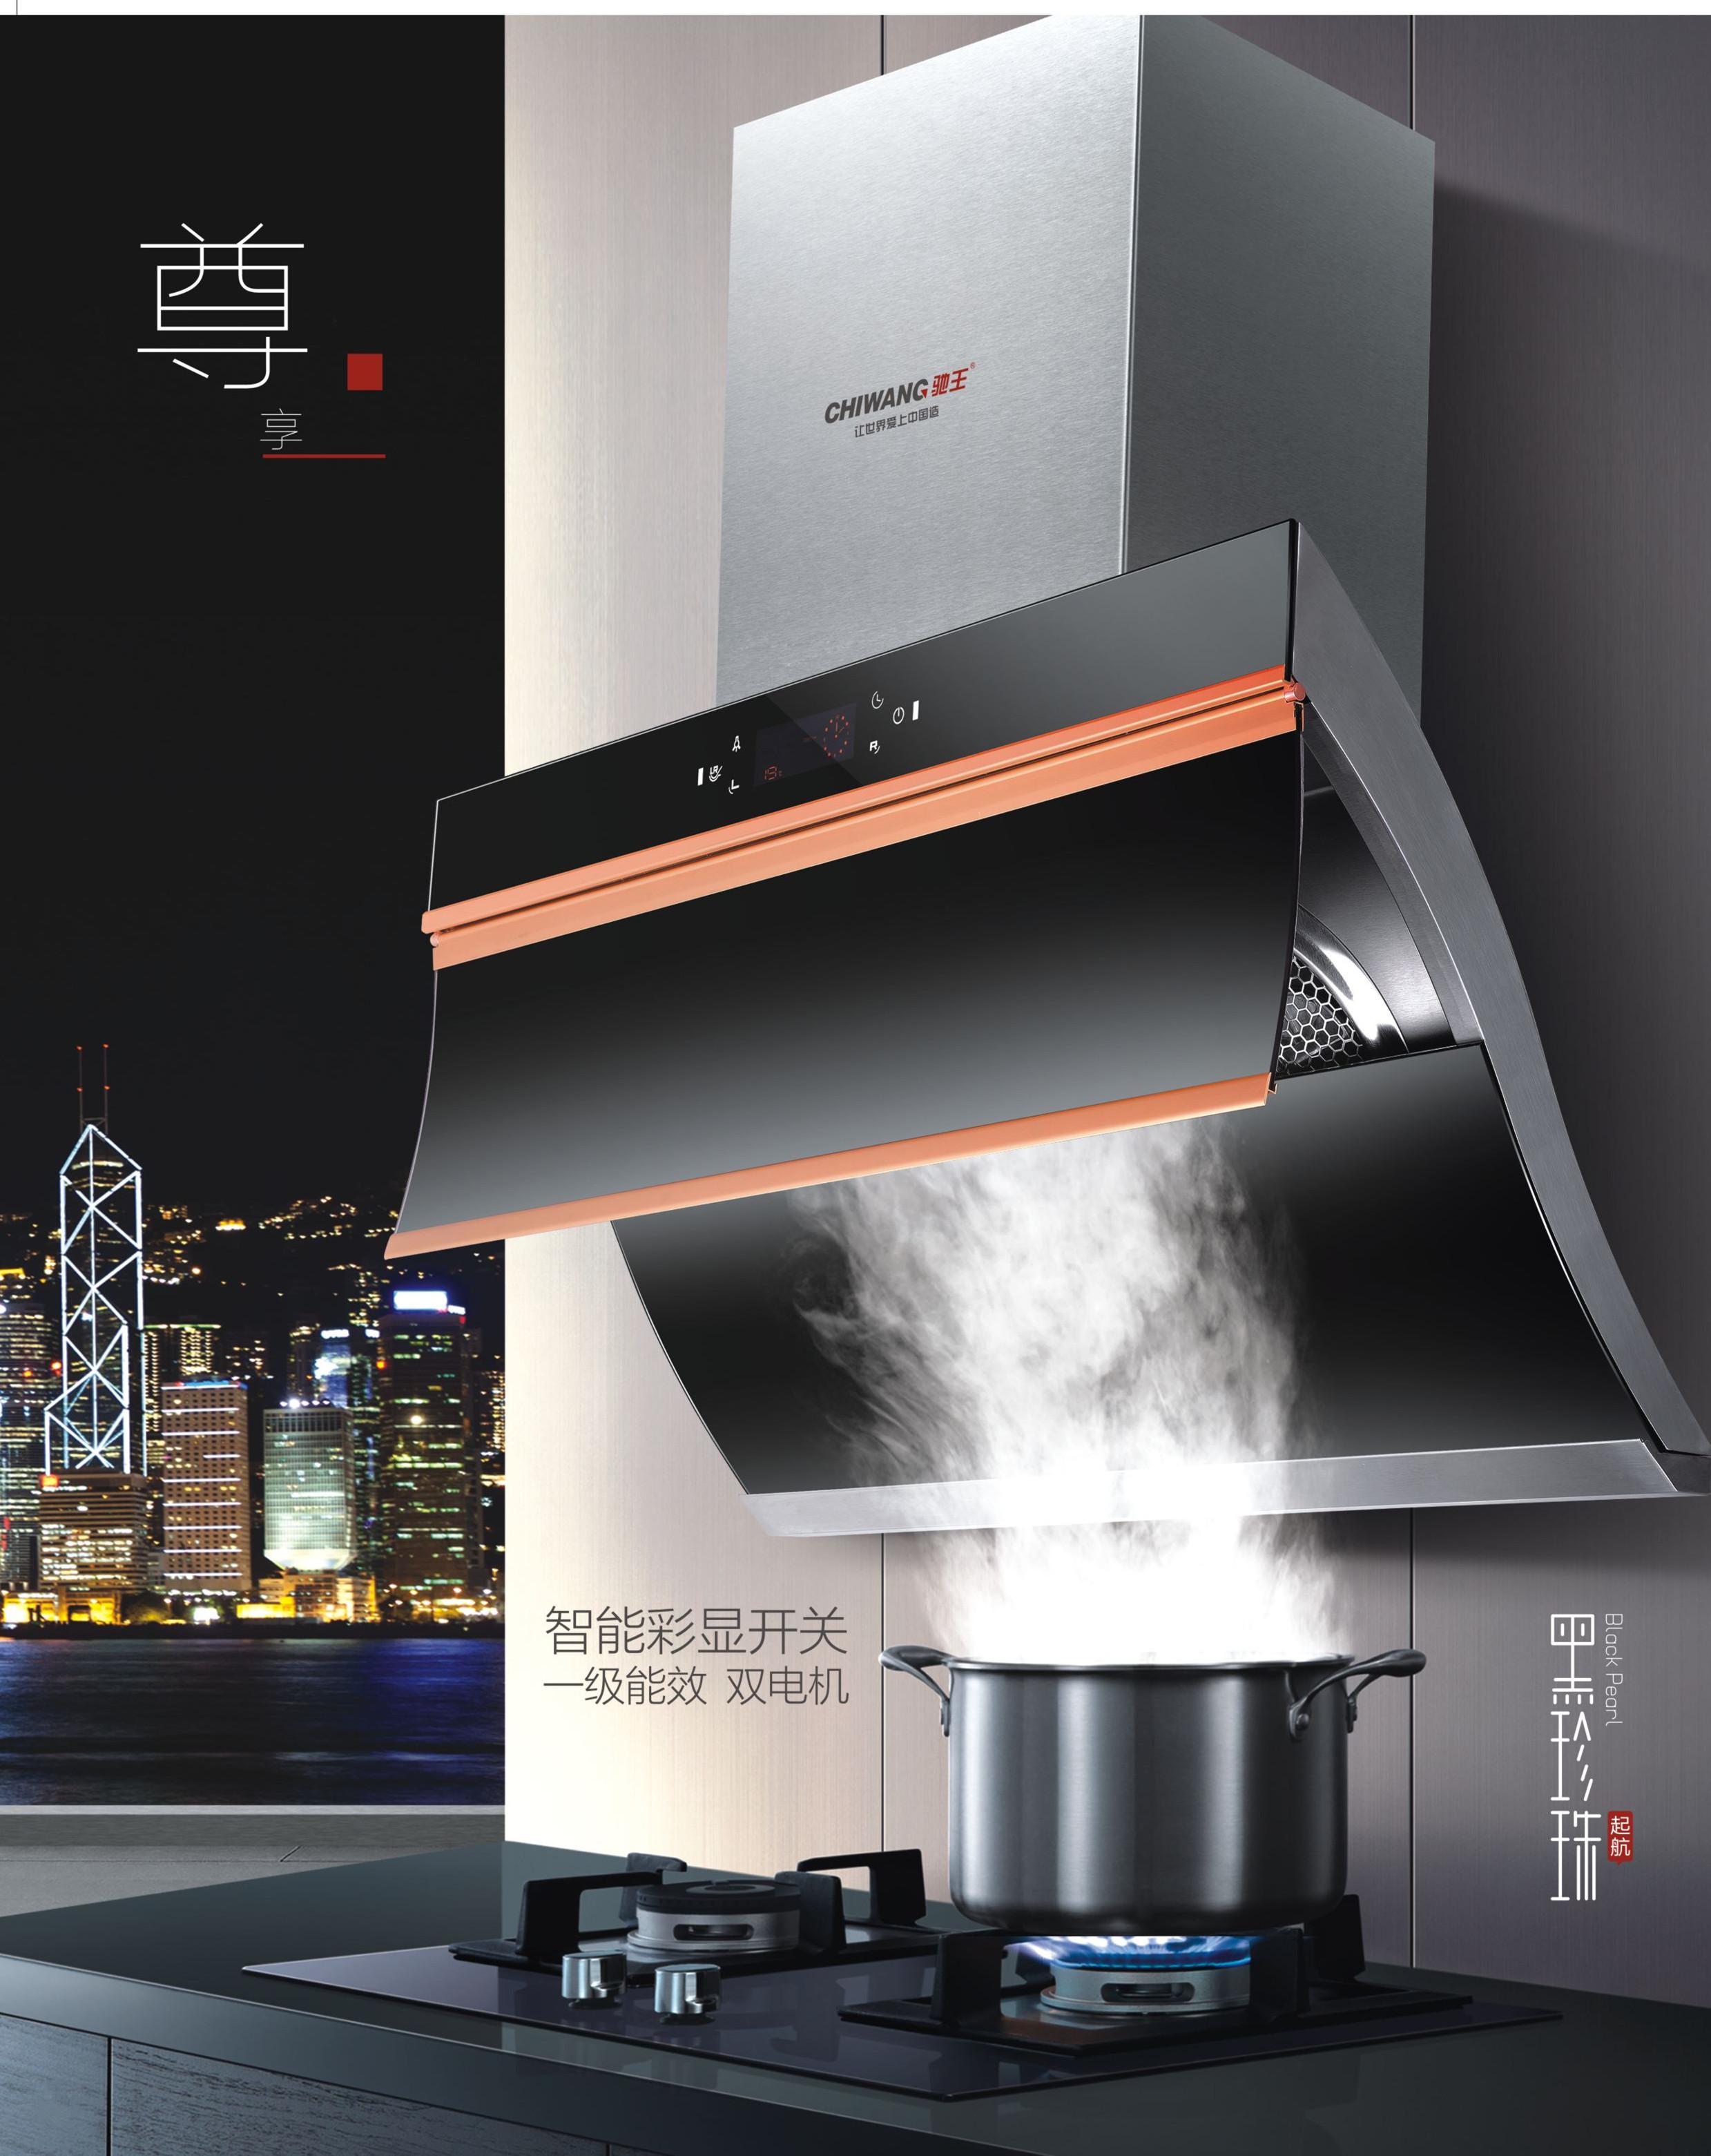 厨电产品将趋于一体化、智能化、高端化【广东驰王商学院】